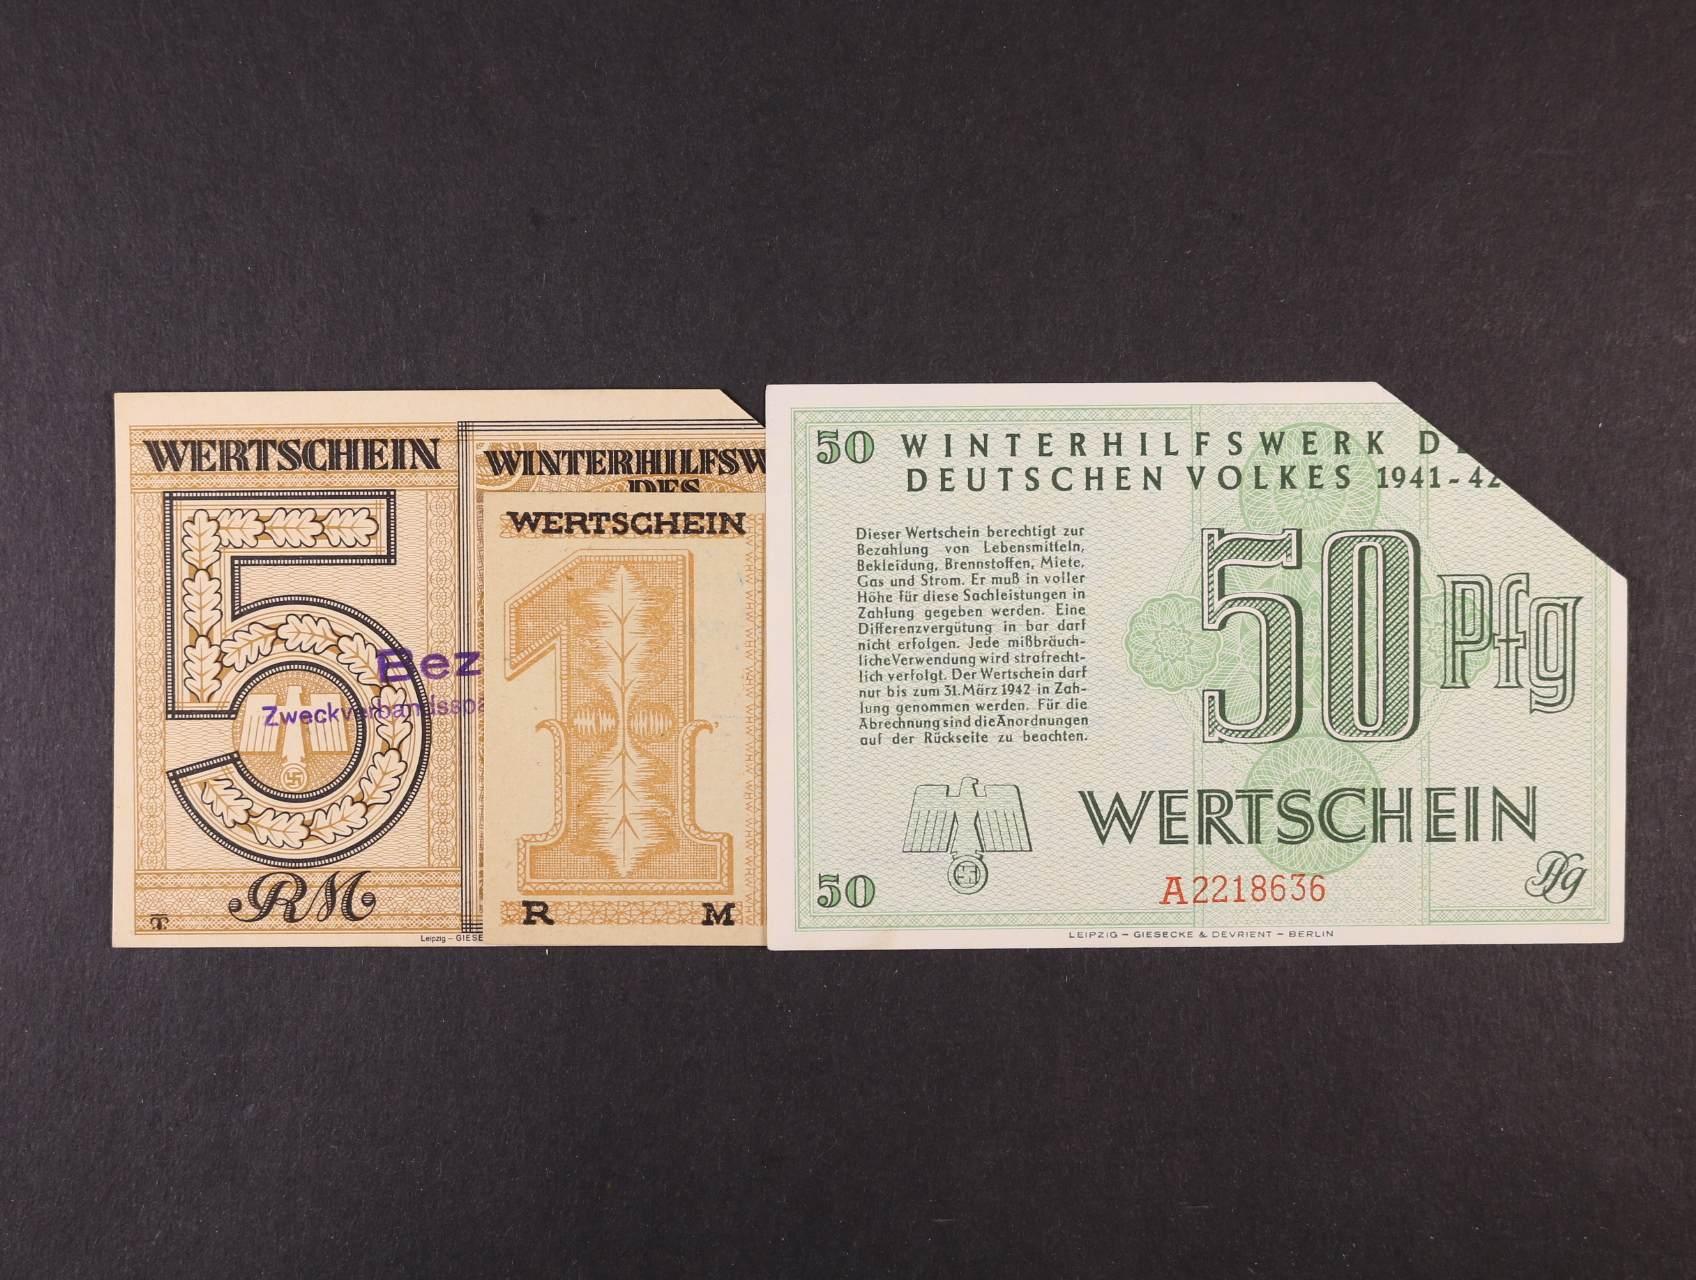 Wertscheine - Winterhilfswek 50 Rpf, 1, 5 Mark 1941 / 1944, ustřižený roh